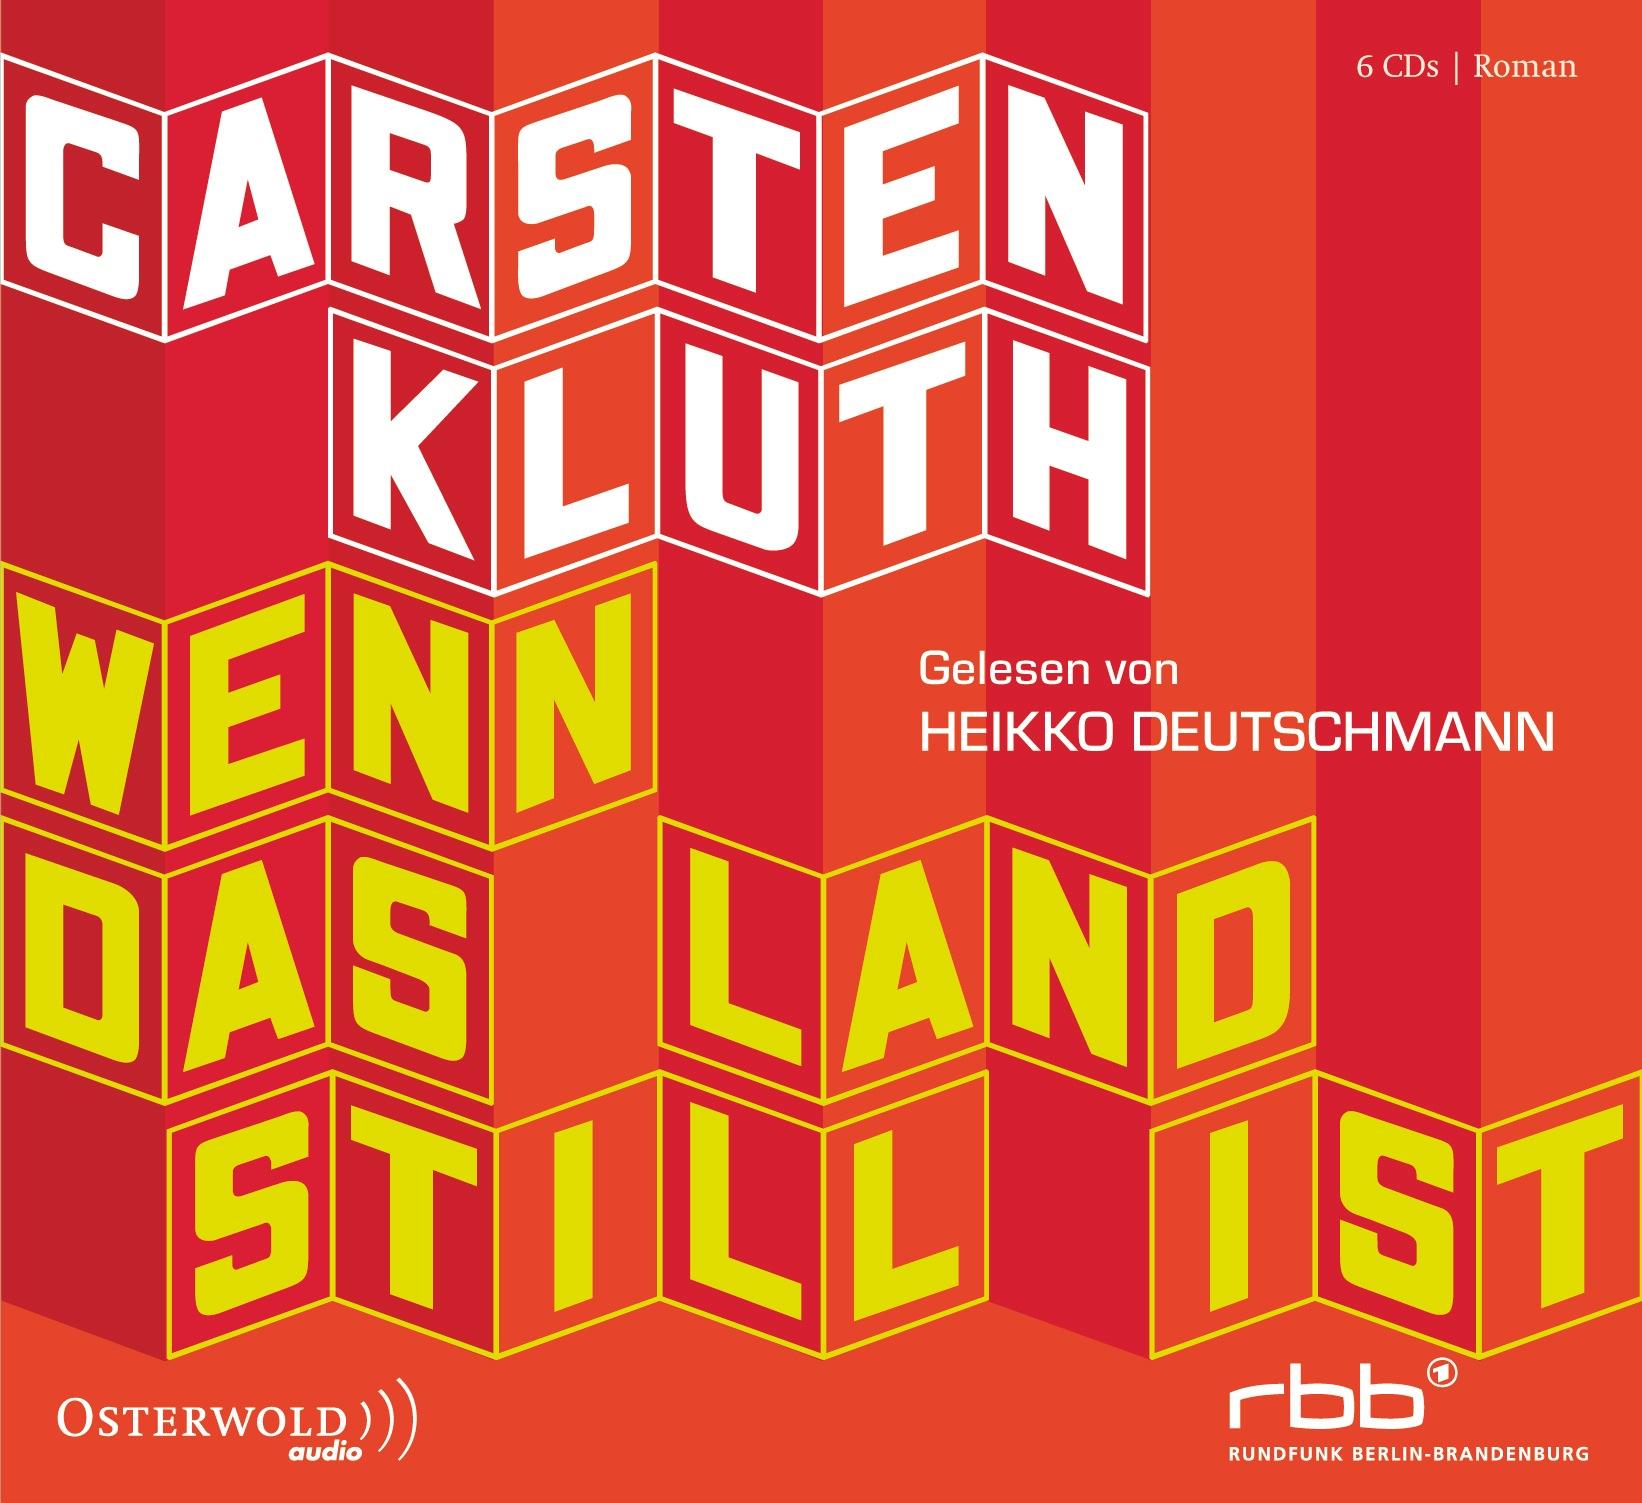 Wenn das Land still ist Carsten Kluth